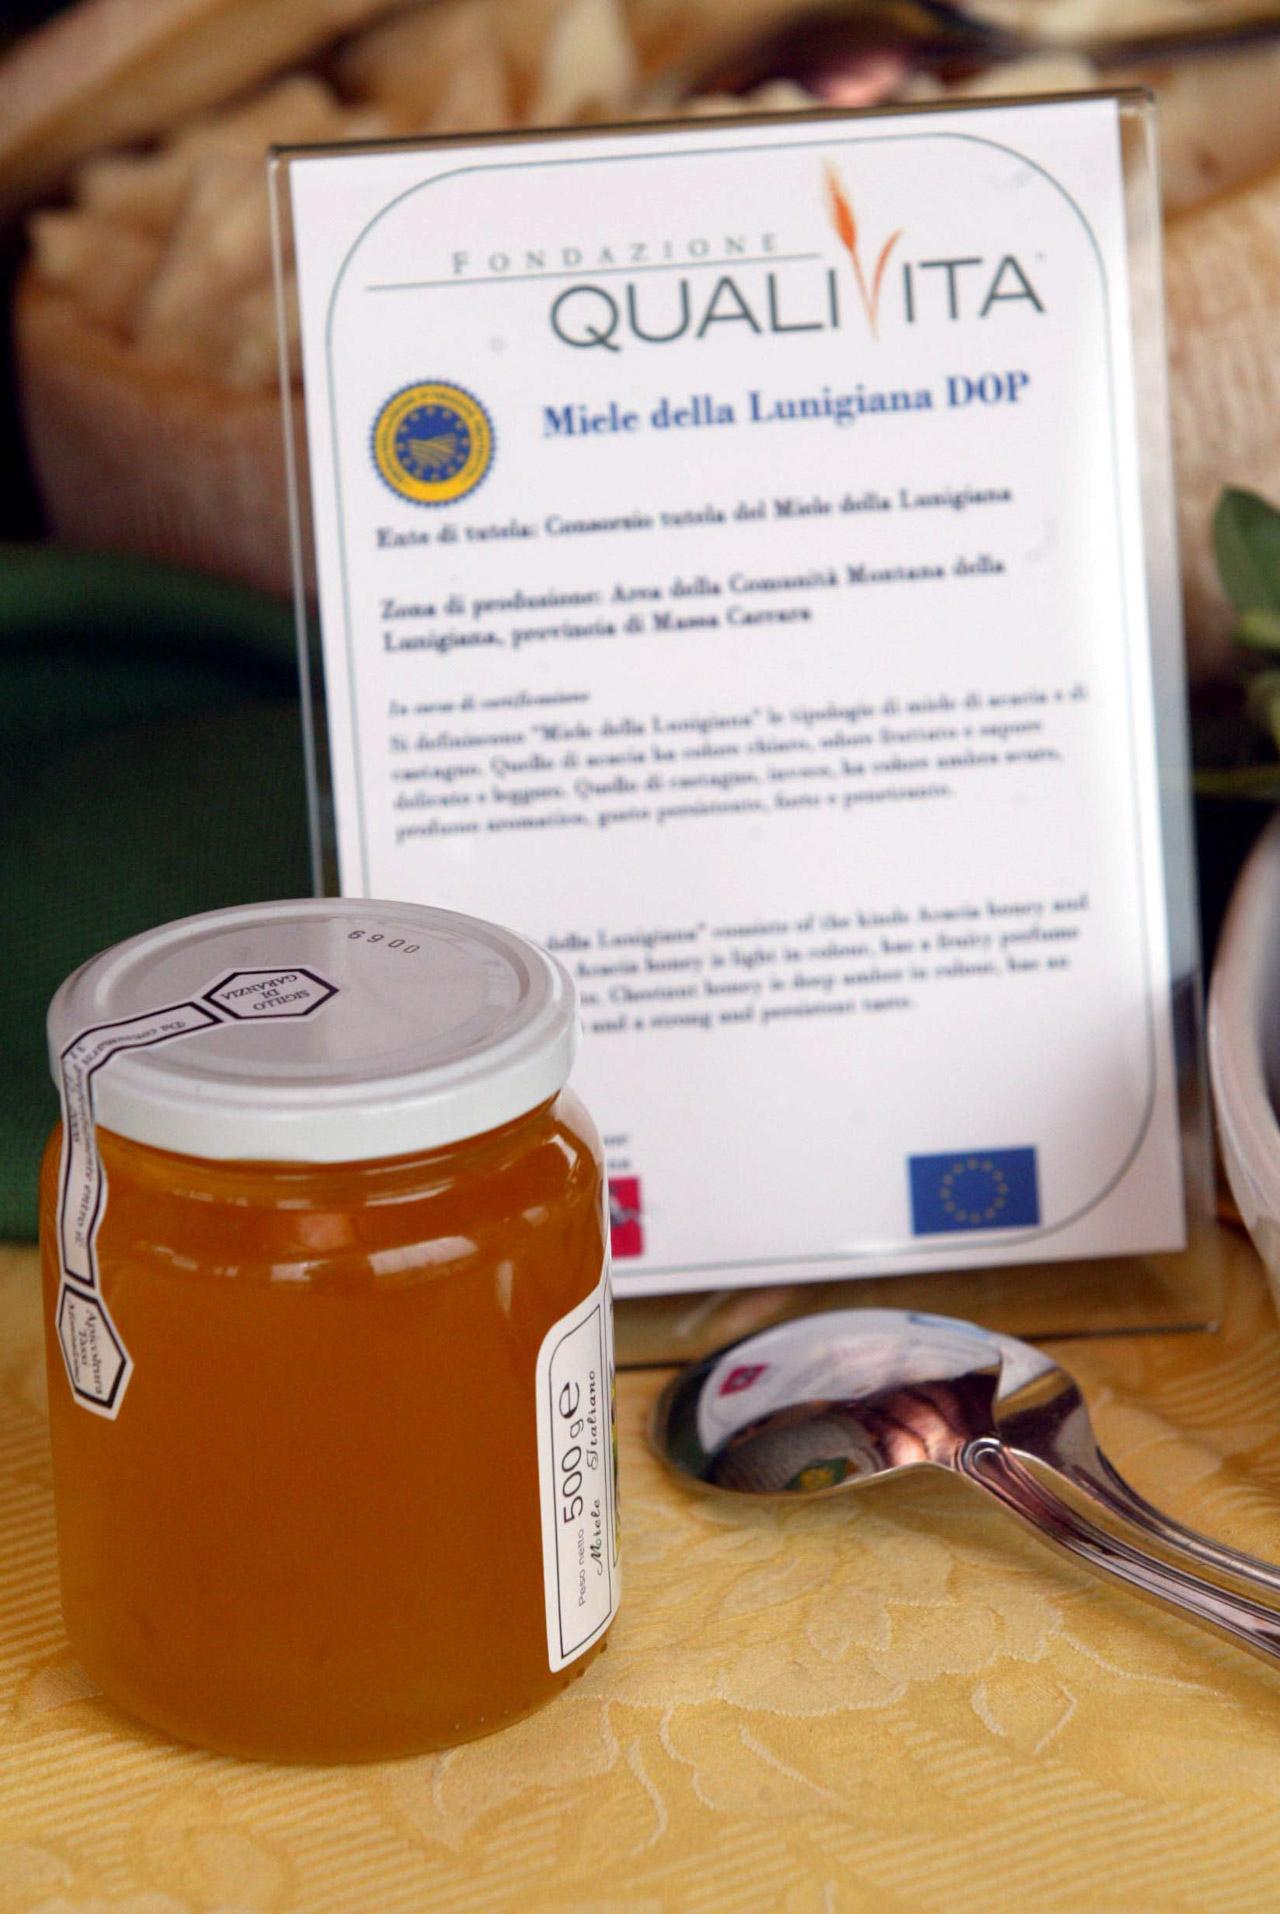 Miele della Lunigiana DOP foto-6